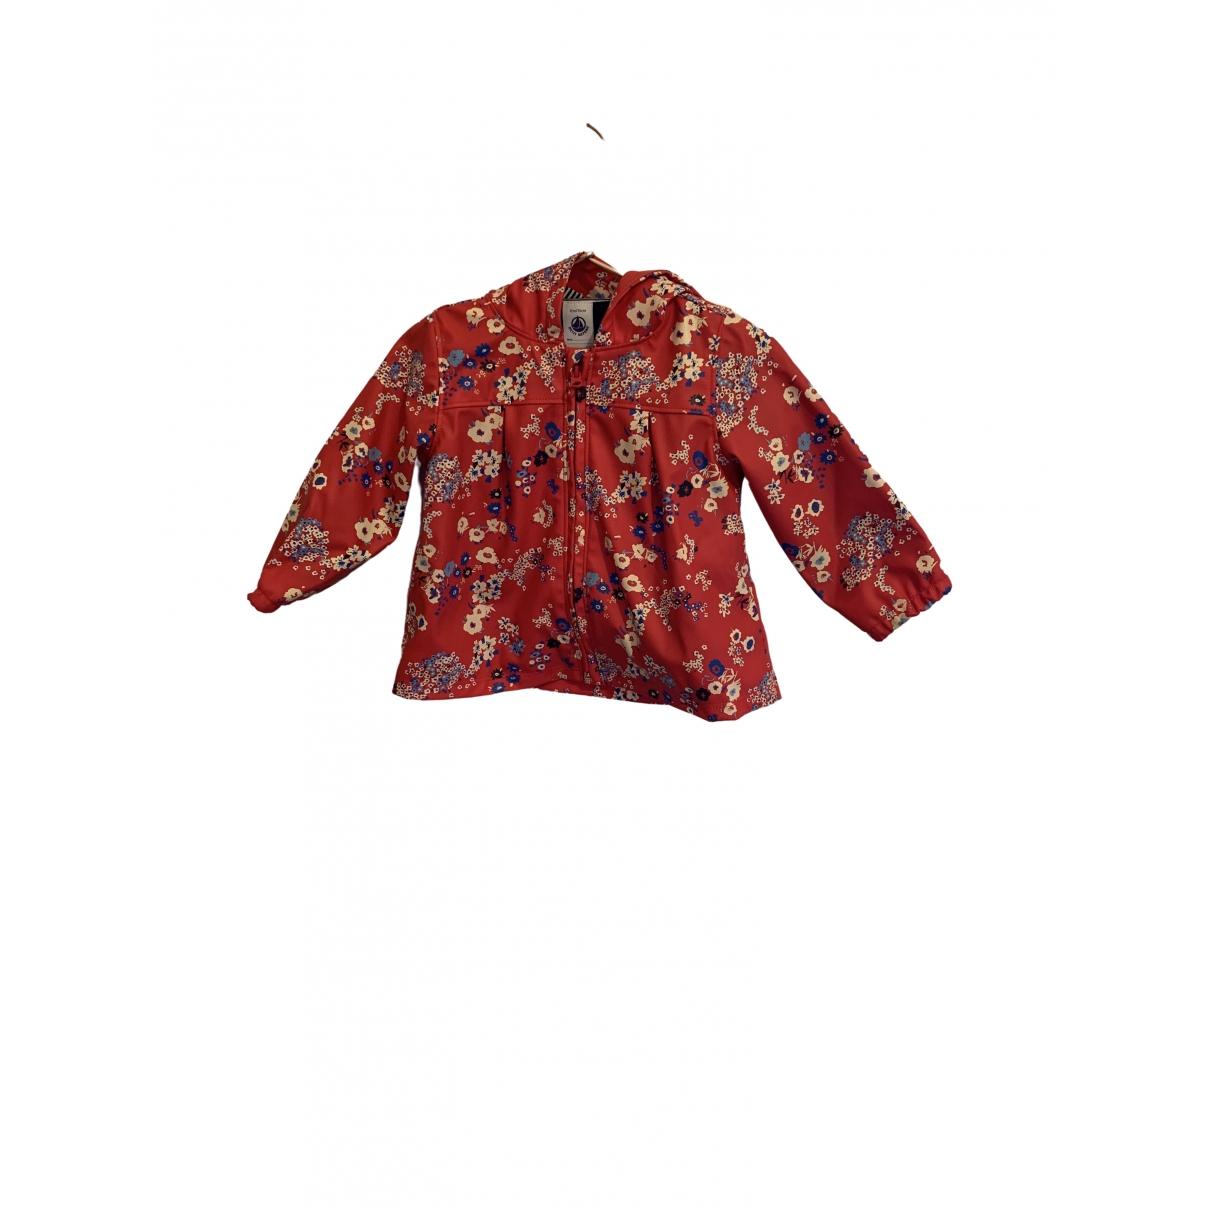 Petit Bateau - Blousons.Manteaux   pour enfant - rouge